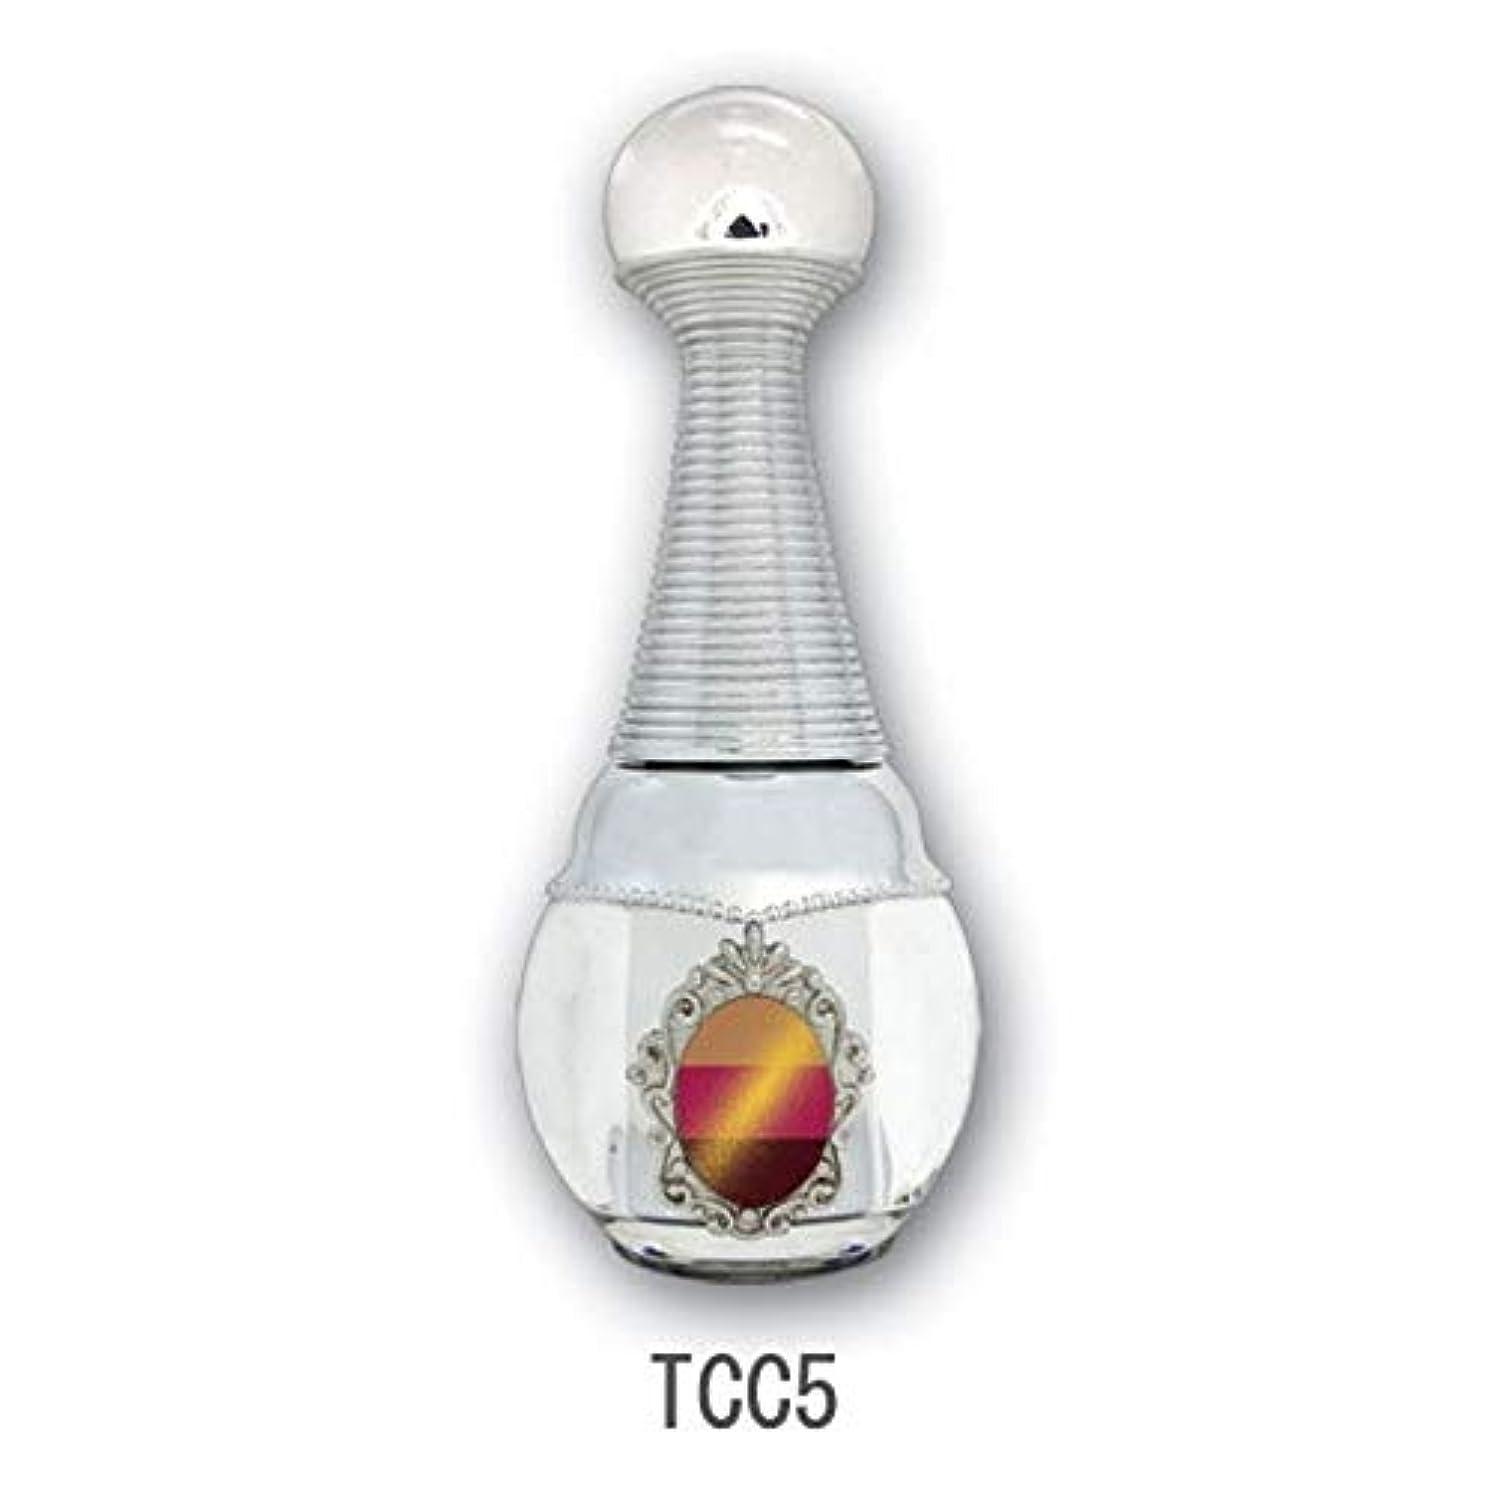 靴藤色去るKENZICO (ケンジコ) Triple Cat's Eye Gel 【TCC5】 トリプルキャッツアイ 10m プロ用 3つの色に変わる キャッツアイジェル